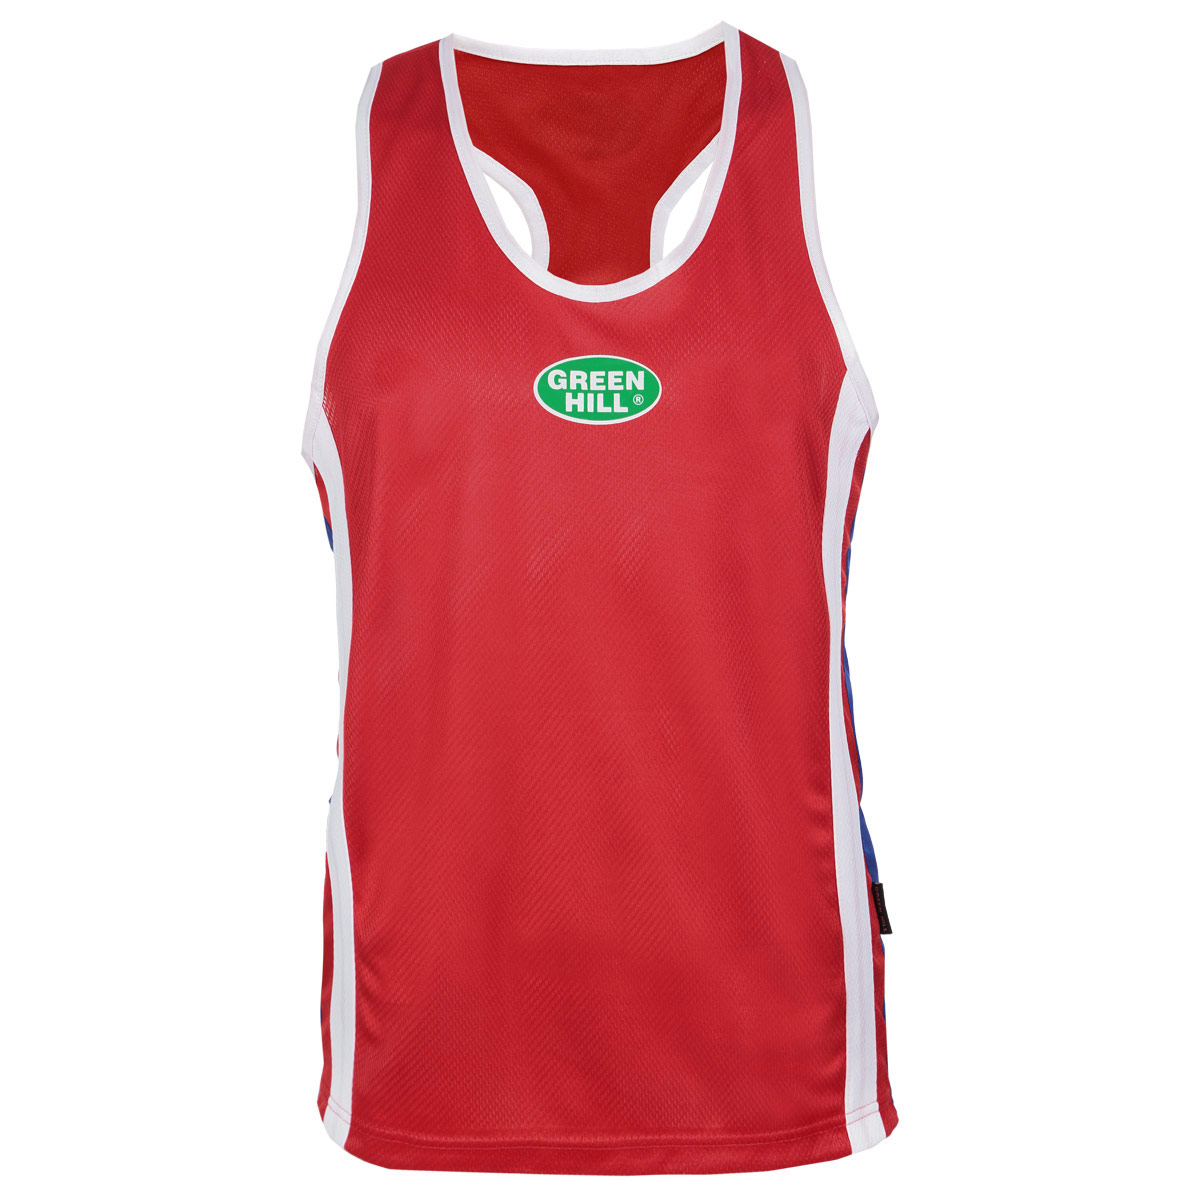 Майка унисекс боксерская Green Hill Olympic, цвет: красный. BVO-6701. Размер XL (52)